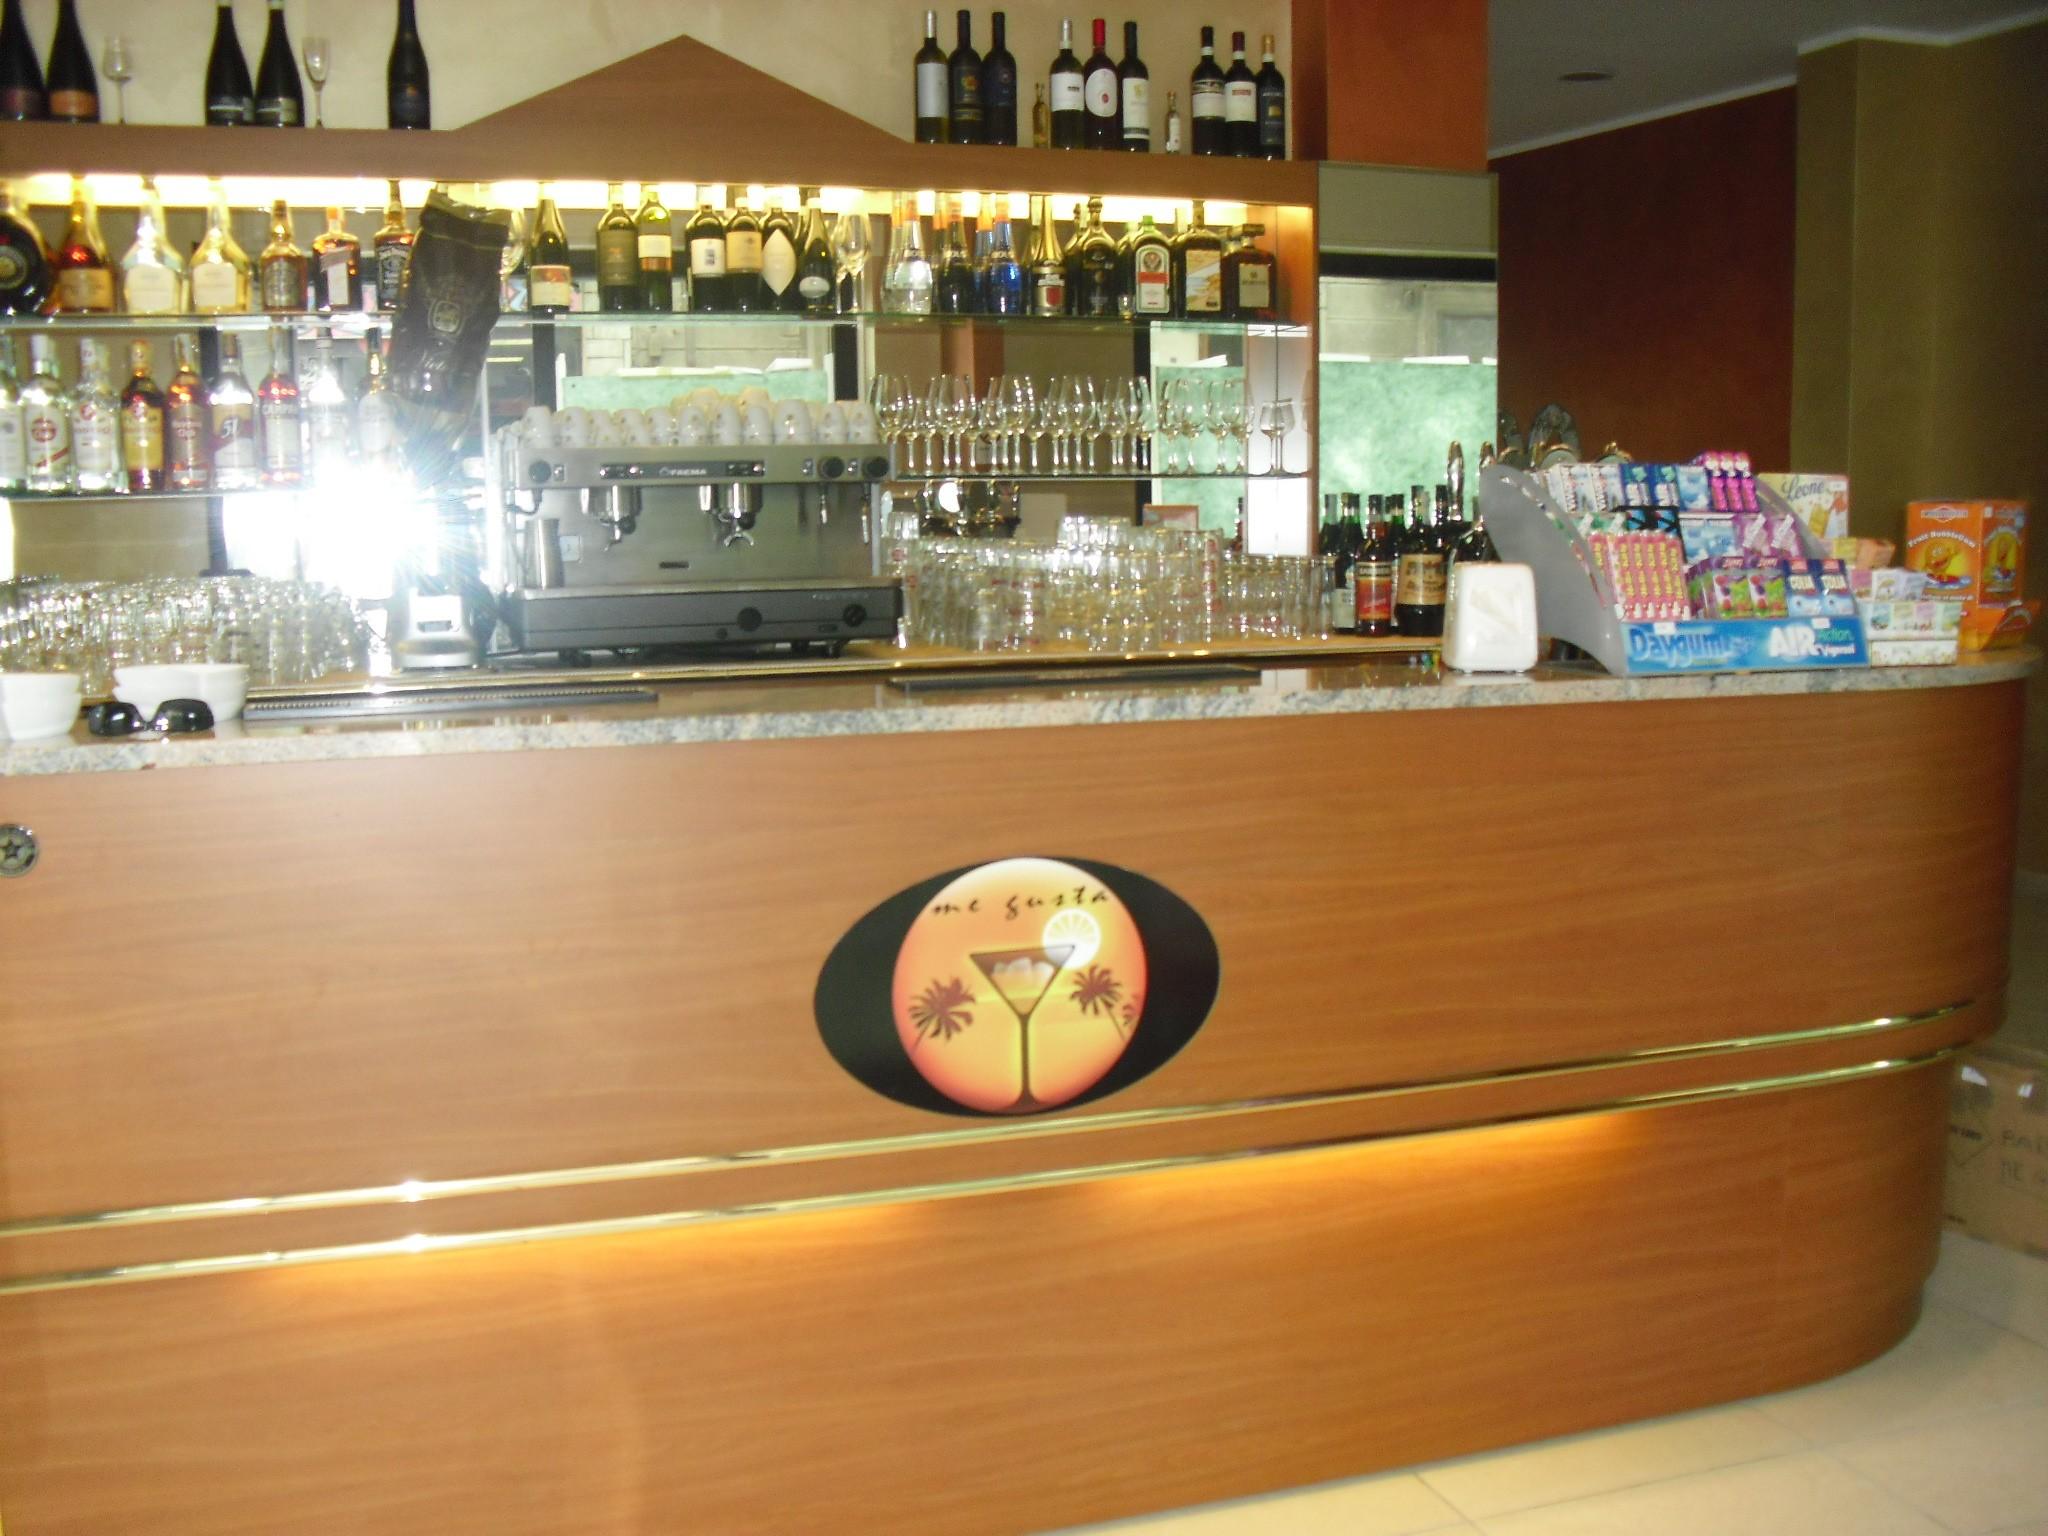 Banconi bar in promozione banchi frigo banconi bar for Arredamenti bar brescia